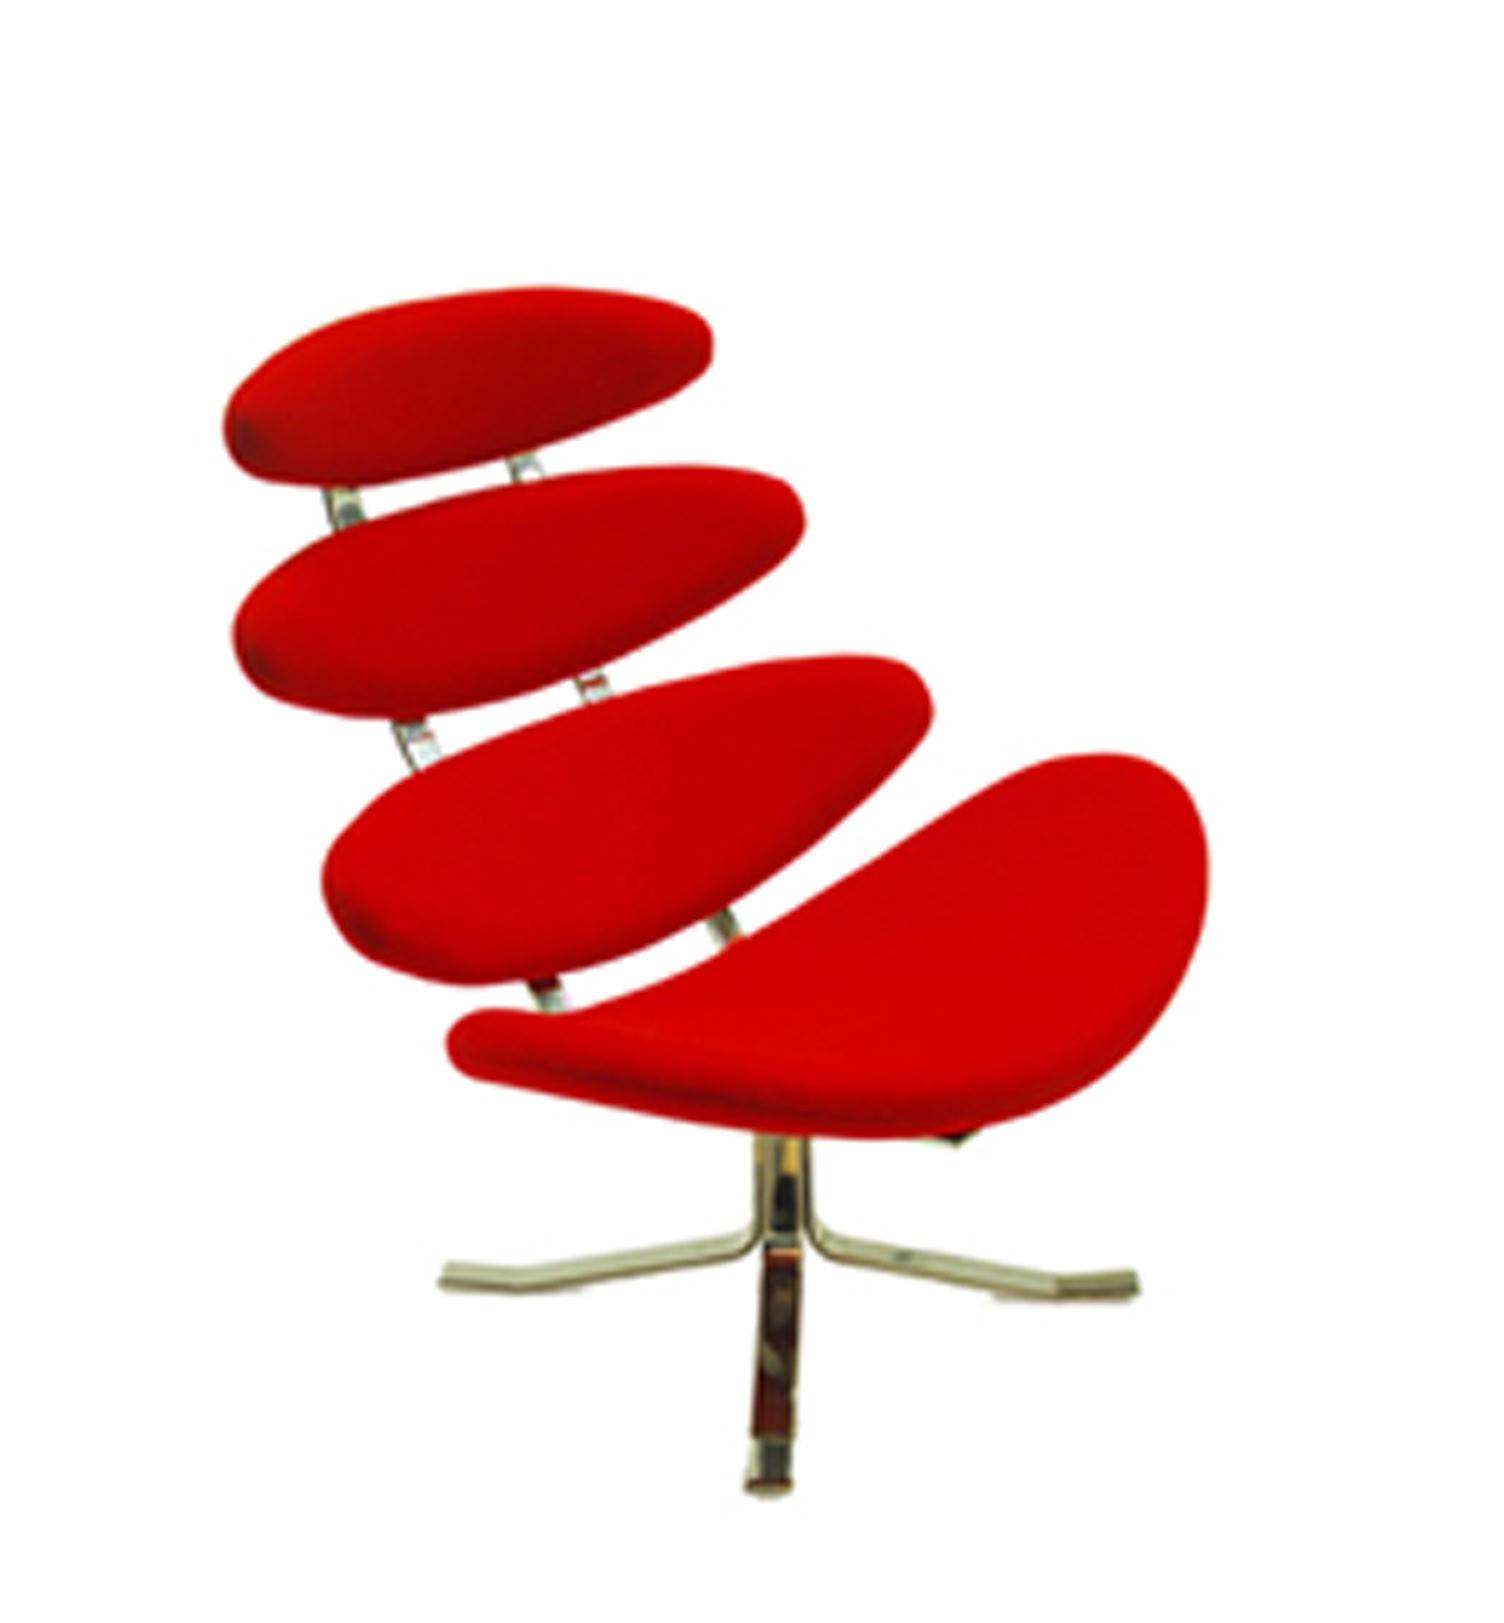 Кресло Scott Howard Poul Volther Style Corona Chair &amp; Ottoman красная кожаПо настоящему футуристичный дизайн, который даёт волю абстрактному мышлению. За основу идеи была взята форма облака газа в короне солнца. Но если приглядеться, может показаться, что это схема позвоночника. Каждый увидит то, что подскажет ему фантазия.<br>